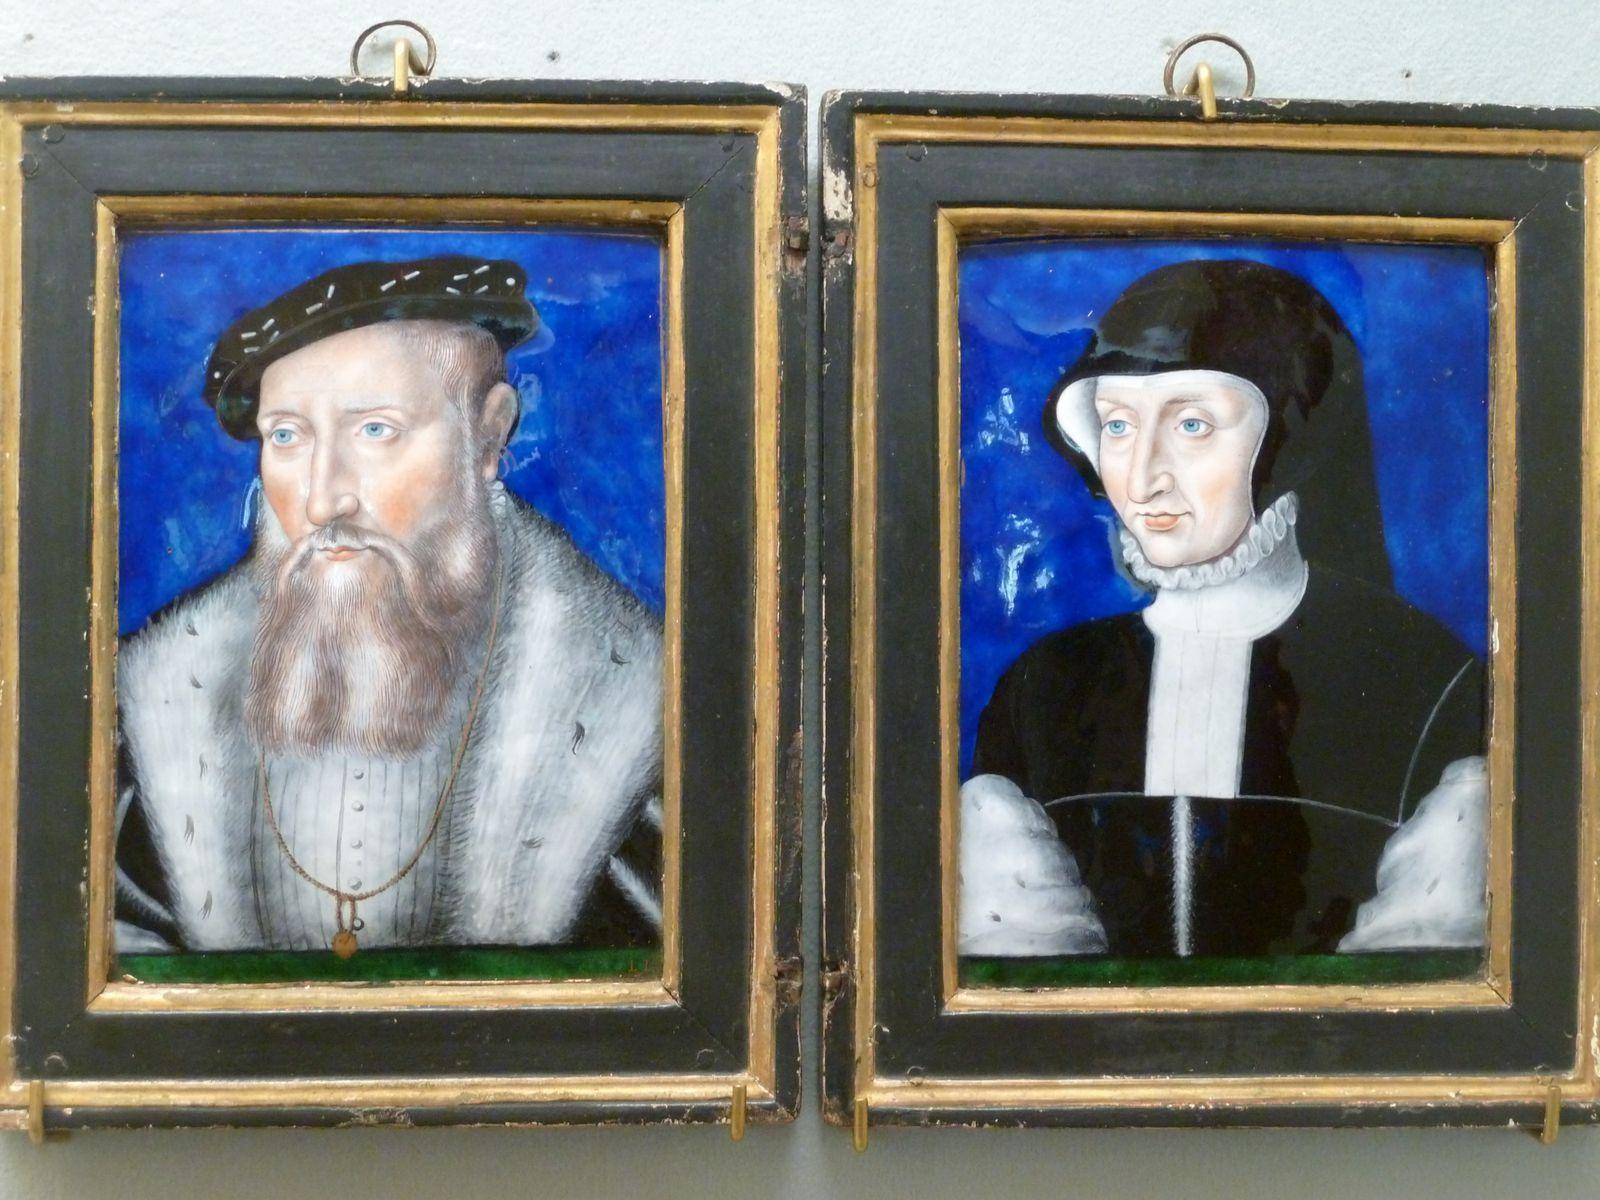 Claude de Lorraine, premier Duc de Guise et  son épouse Antoinette de Bourbon. Email peint Léonard Limosin, Limoges XVIème siècle. Les deux portraits d'une grande finesse témoignent de l'activité de Léonard Limosin auprès de la cour de France